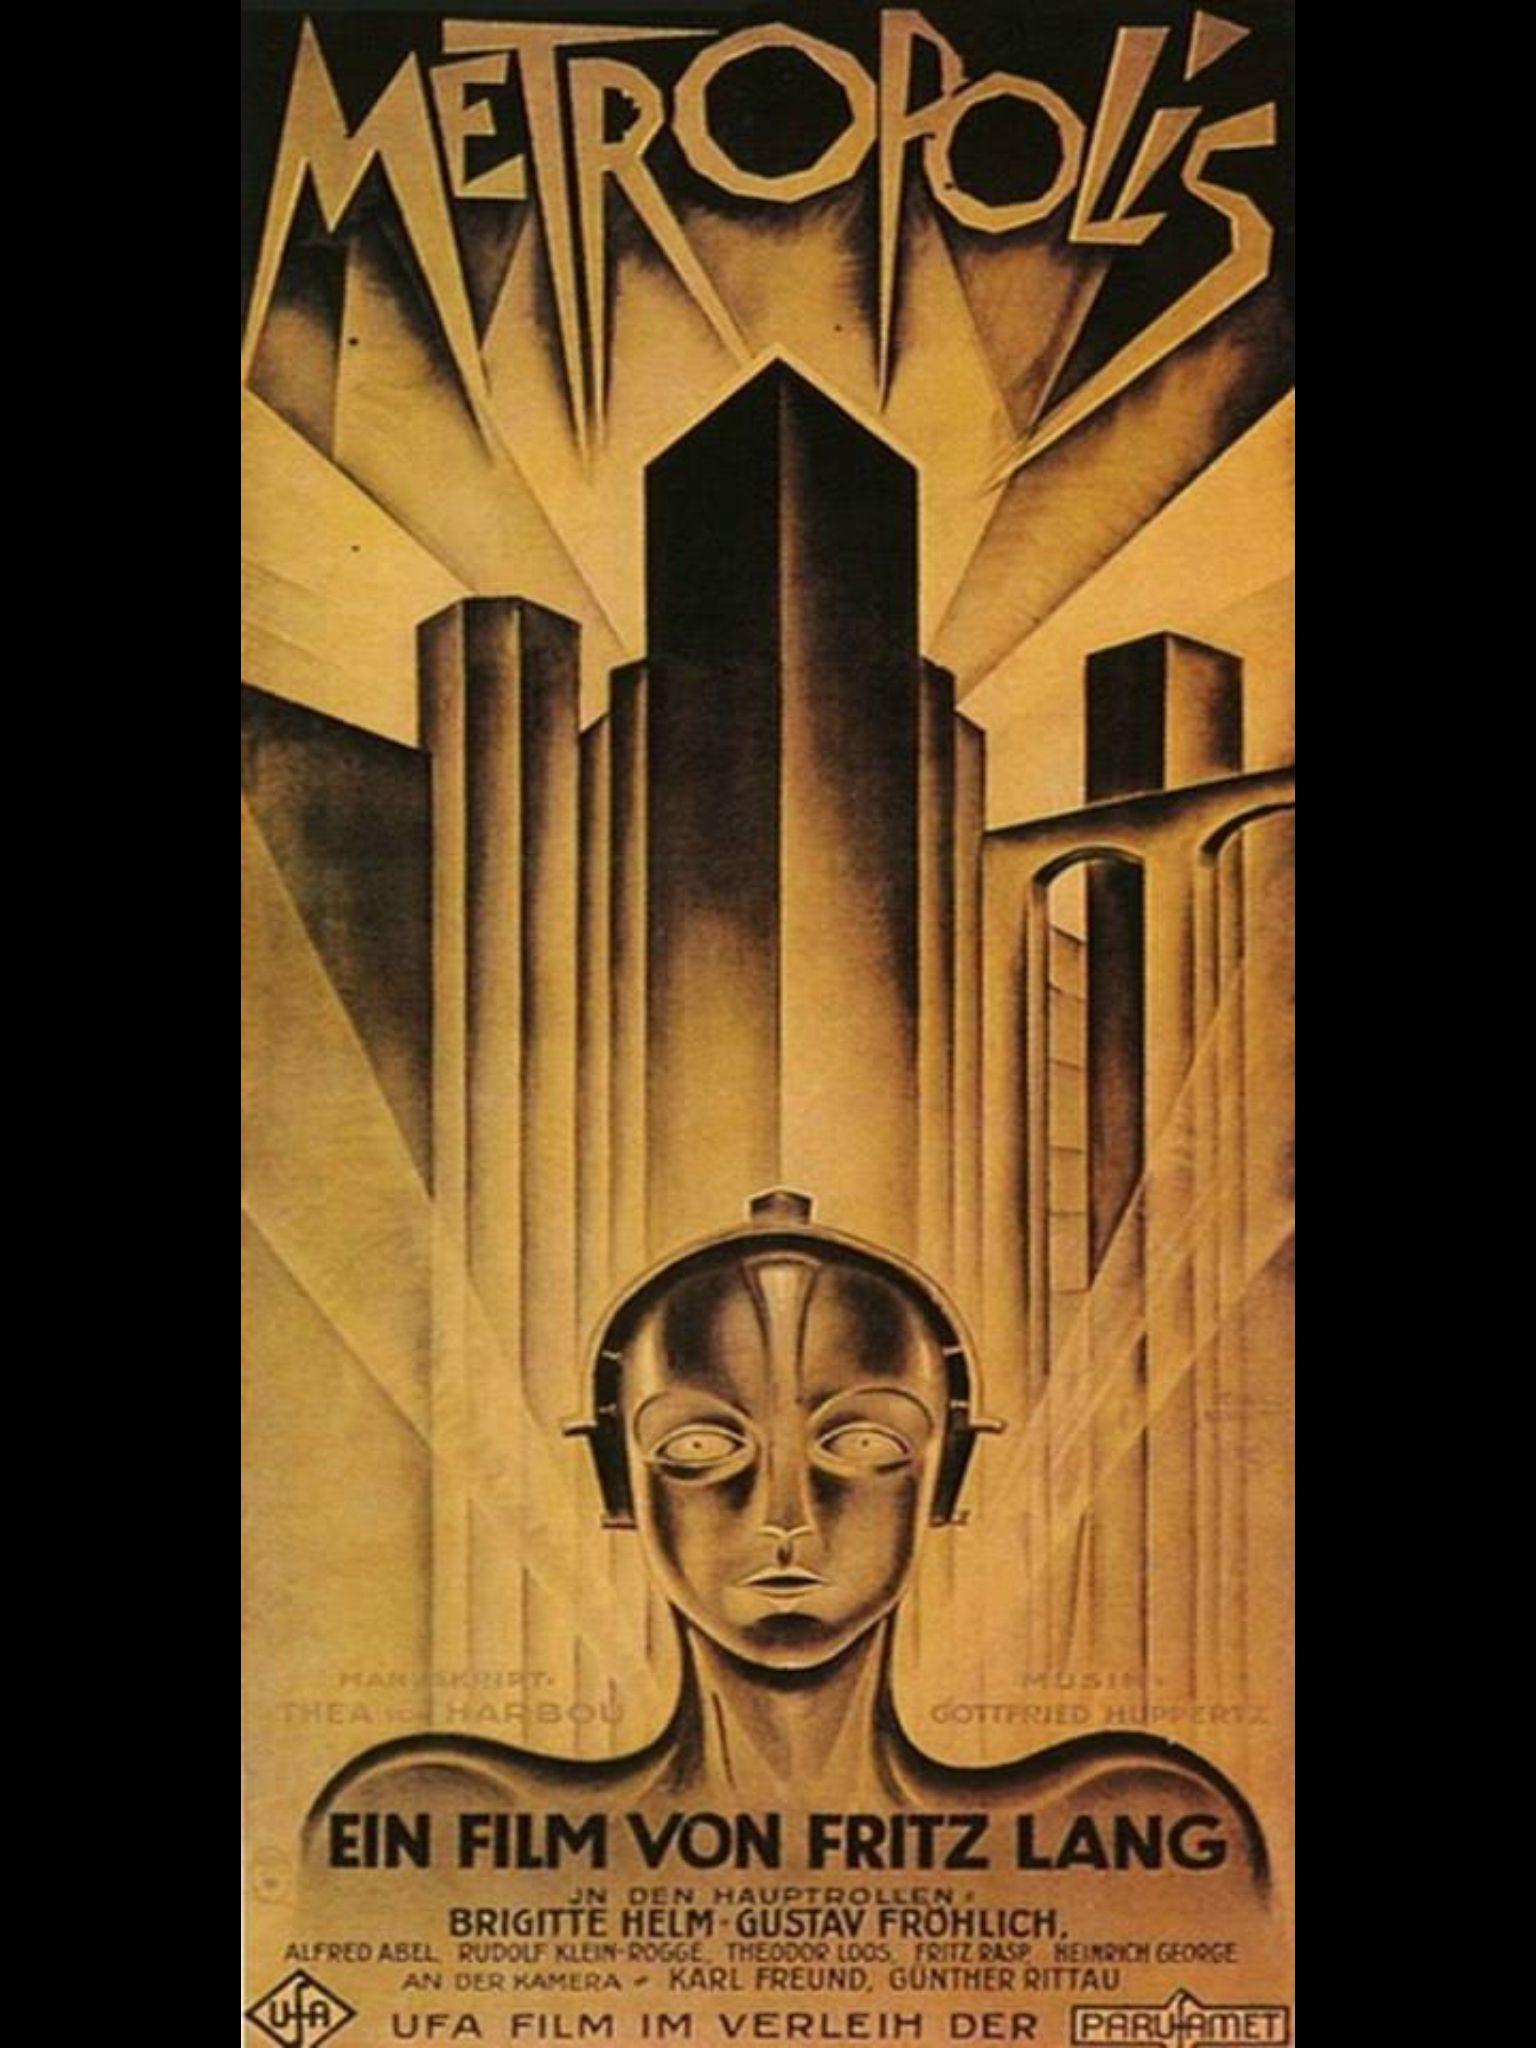 Metropolis Movie Posters Vintage Metropolis Poster Bauhaus Art